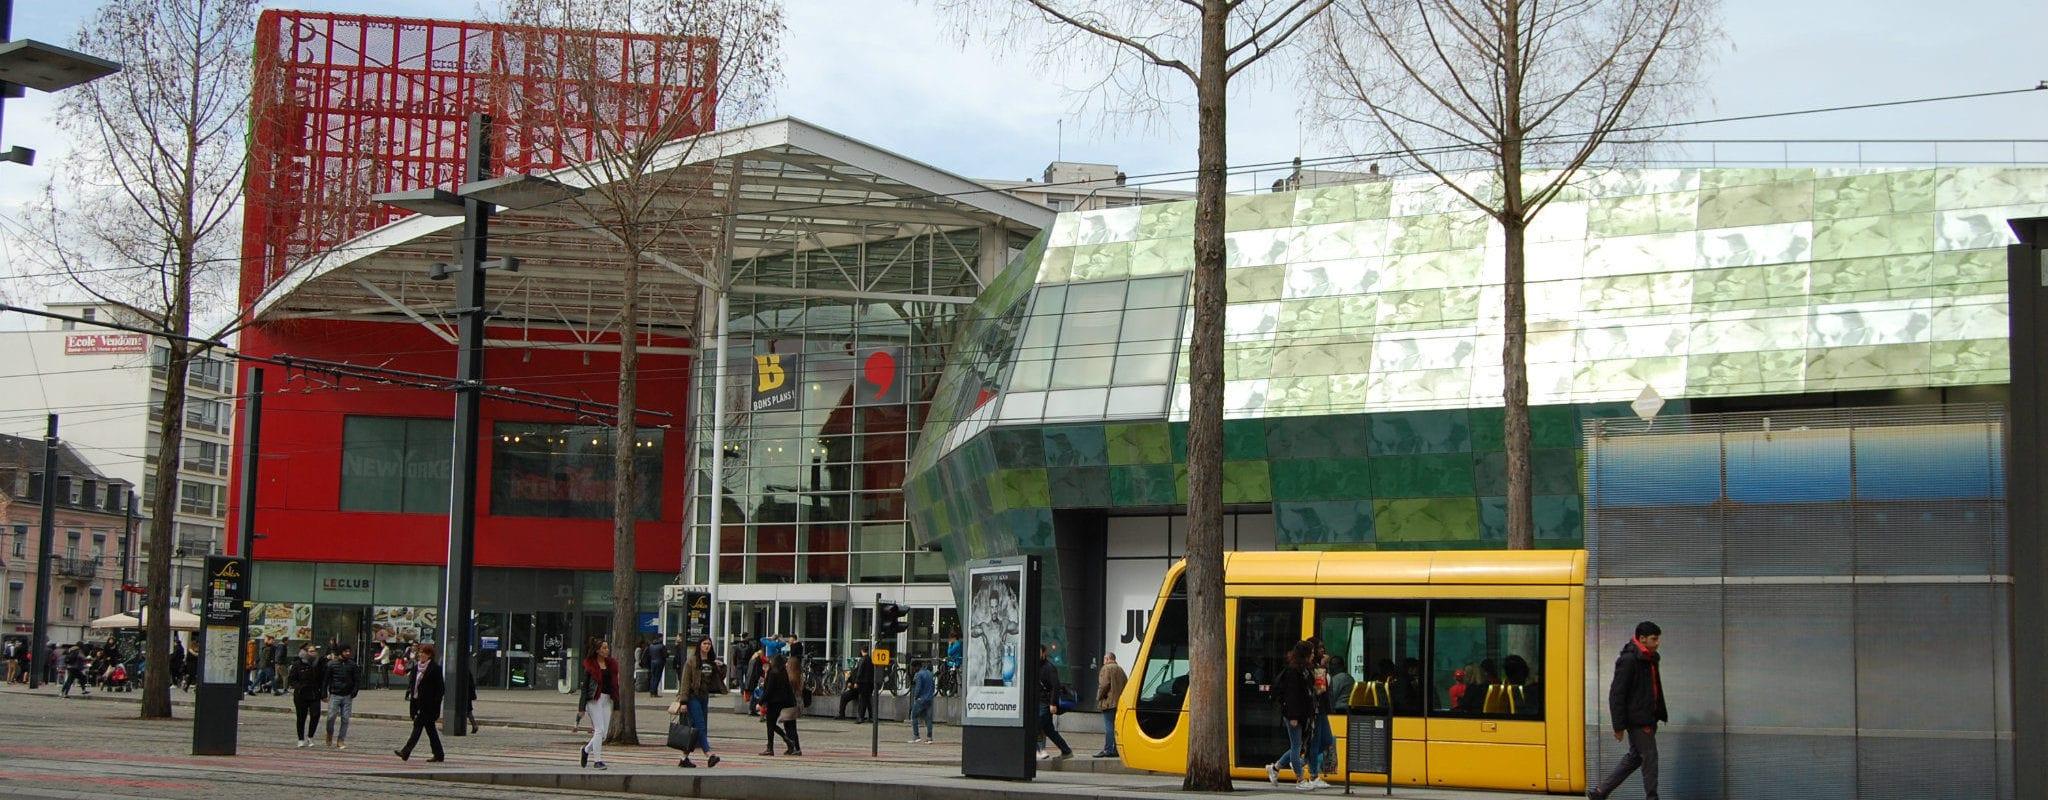 Comment Mulhouse est devenu l'un des centres-villes les plus dynamiques de France